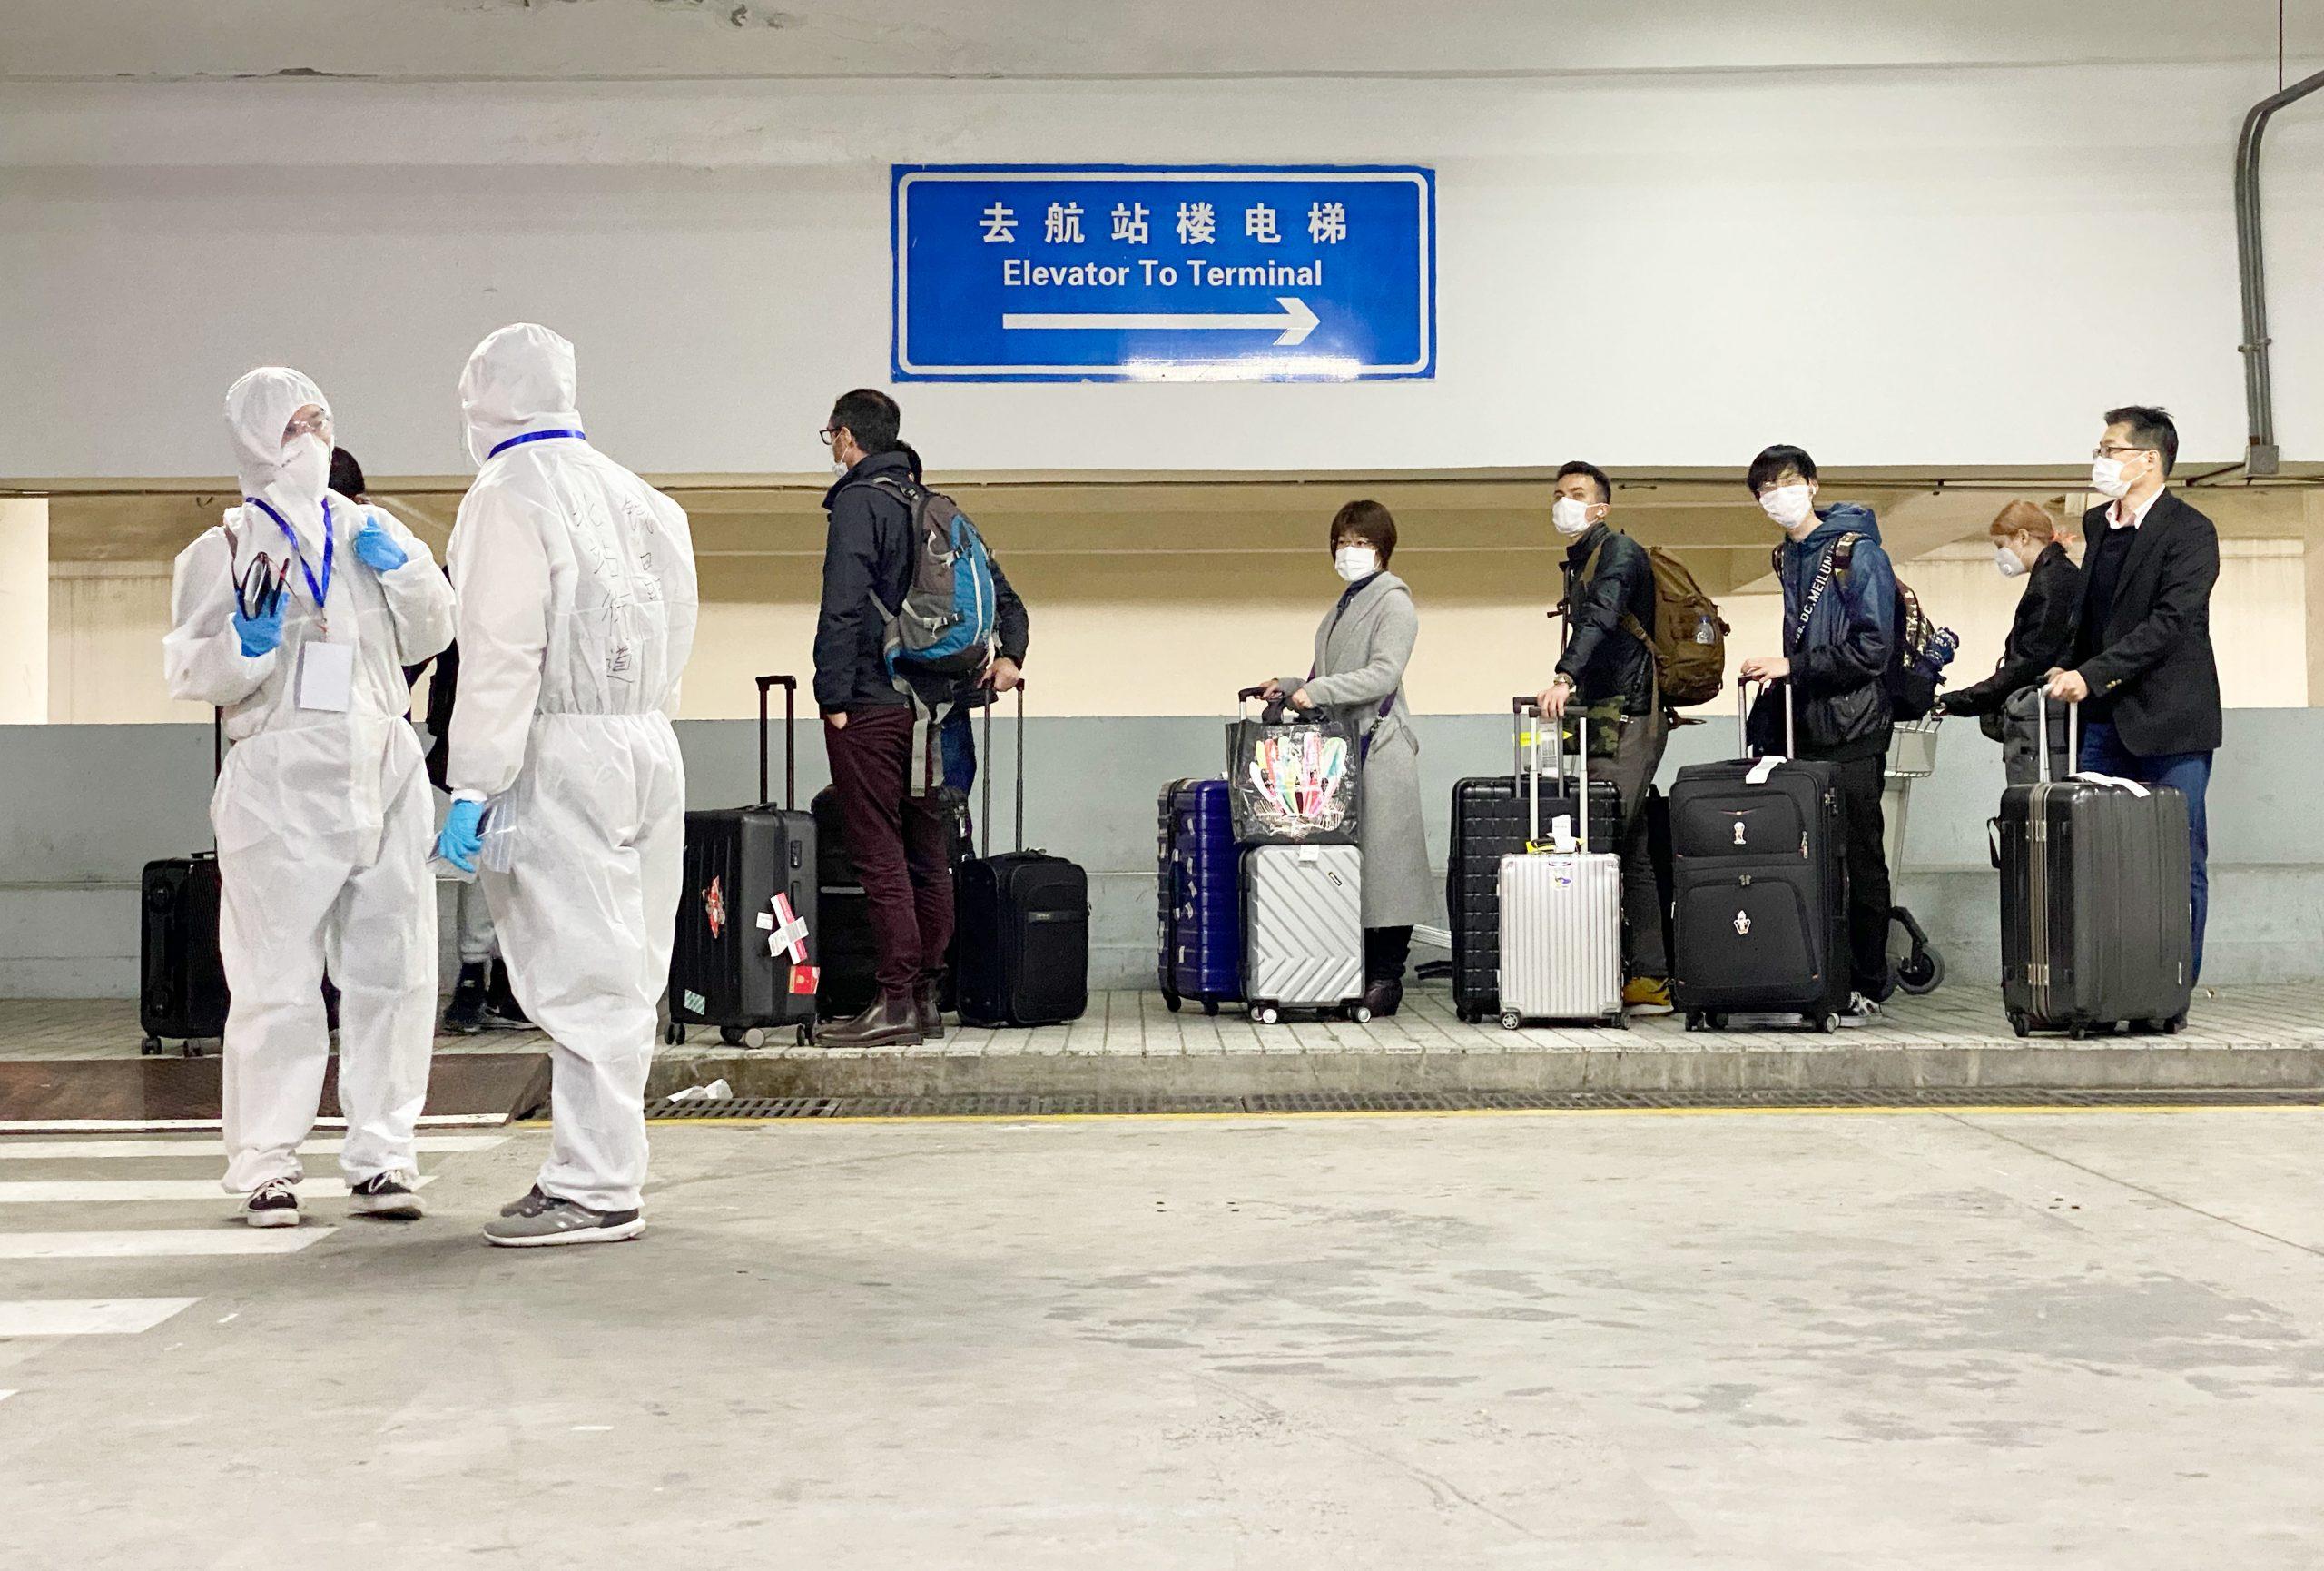 Ciudad china de Chongqing lanza prueba y rastreo de COVID-19 tras detectar viajero infectado en República de Corea